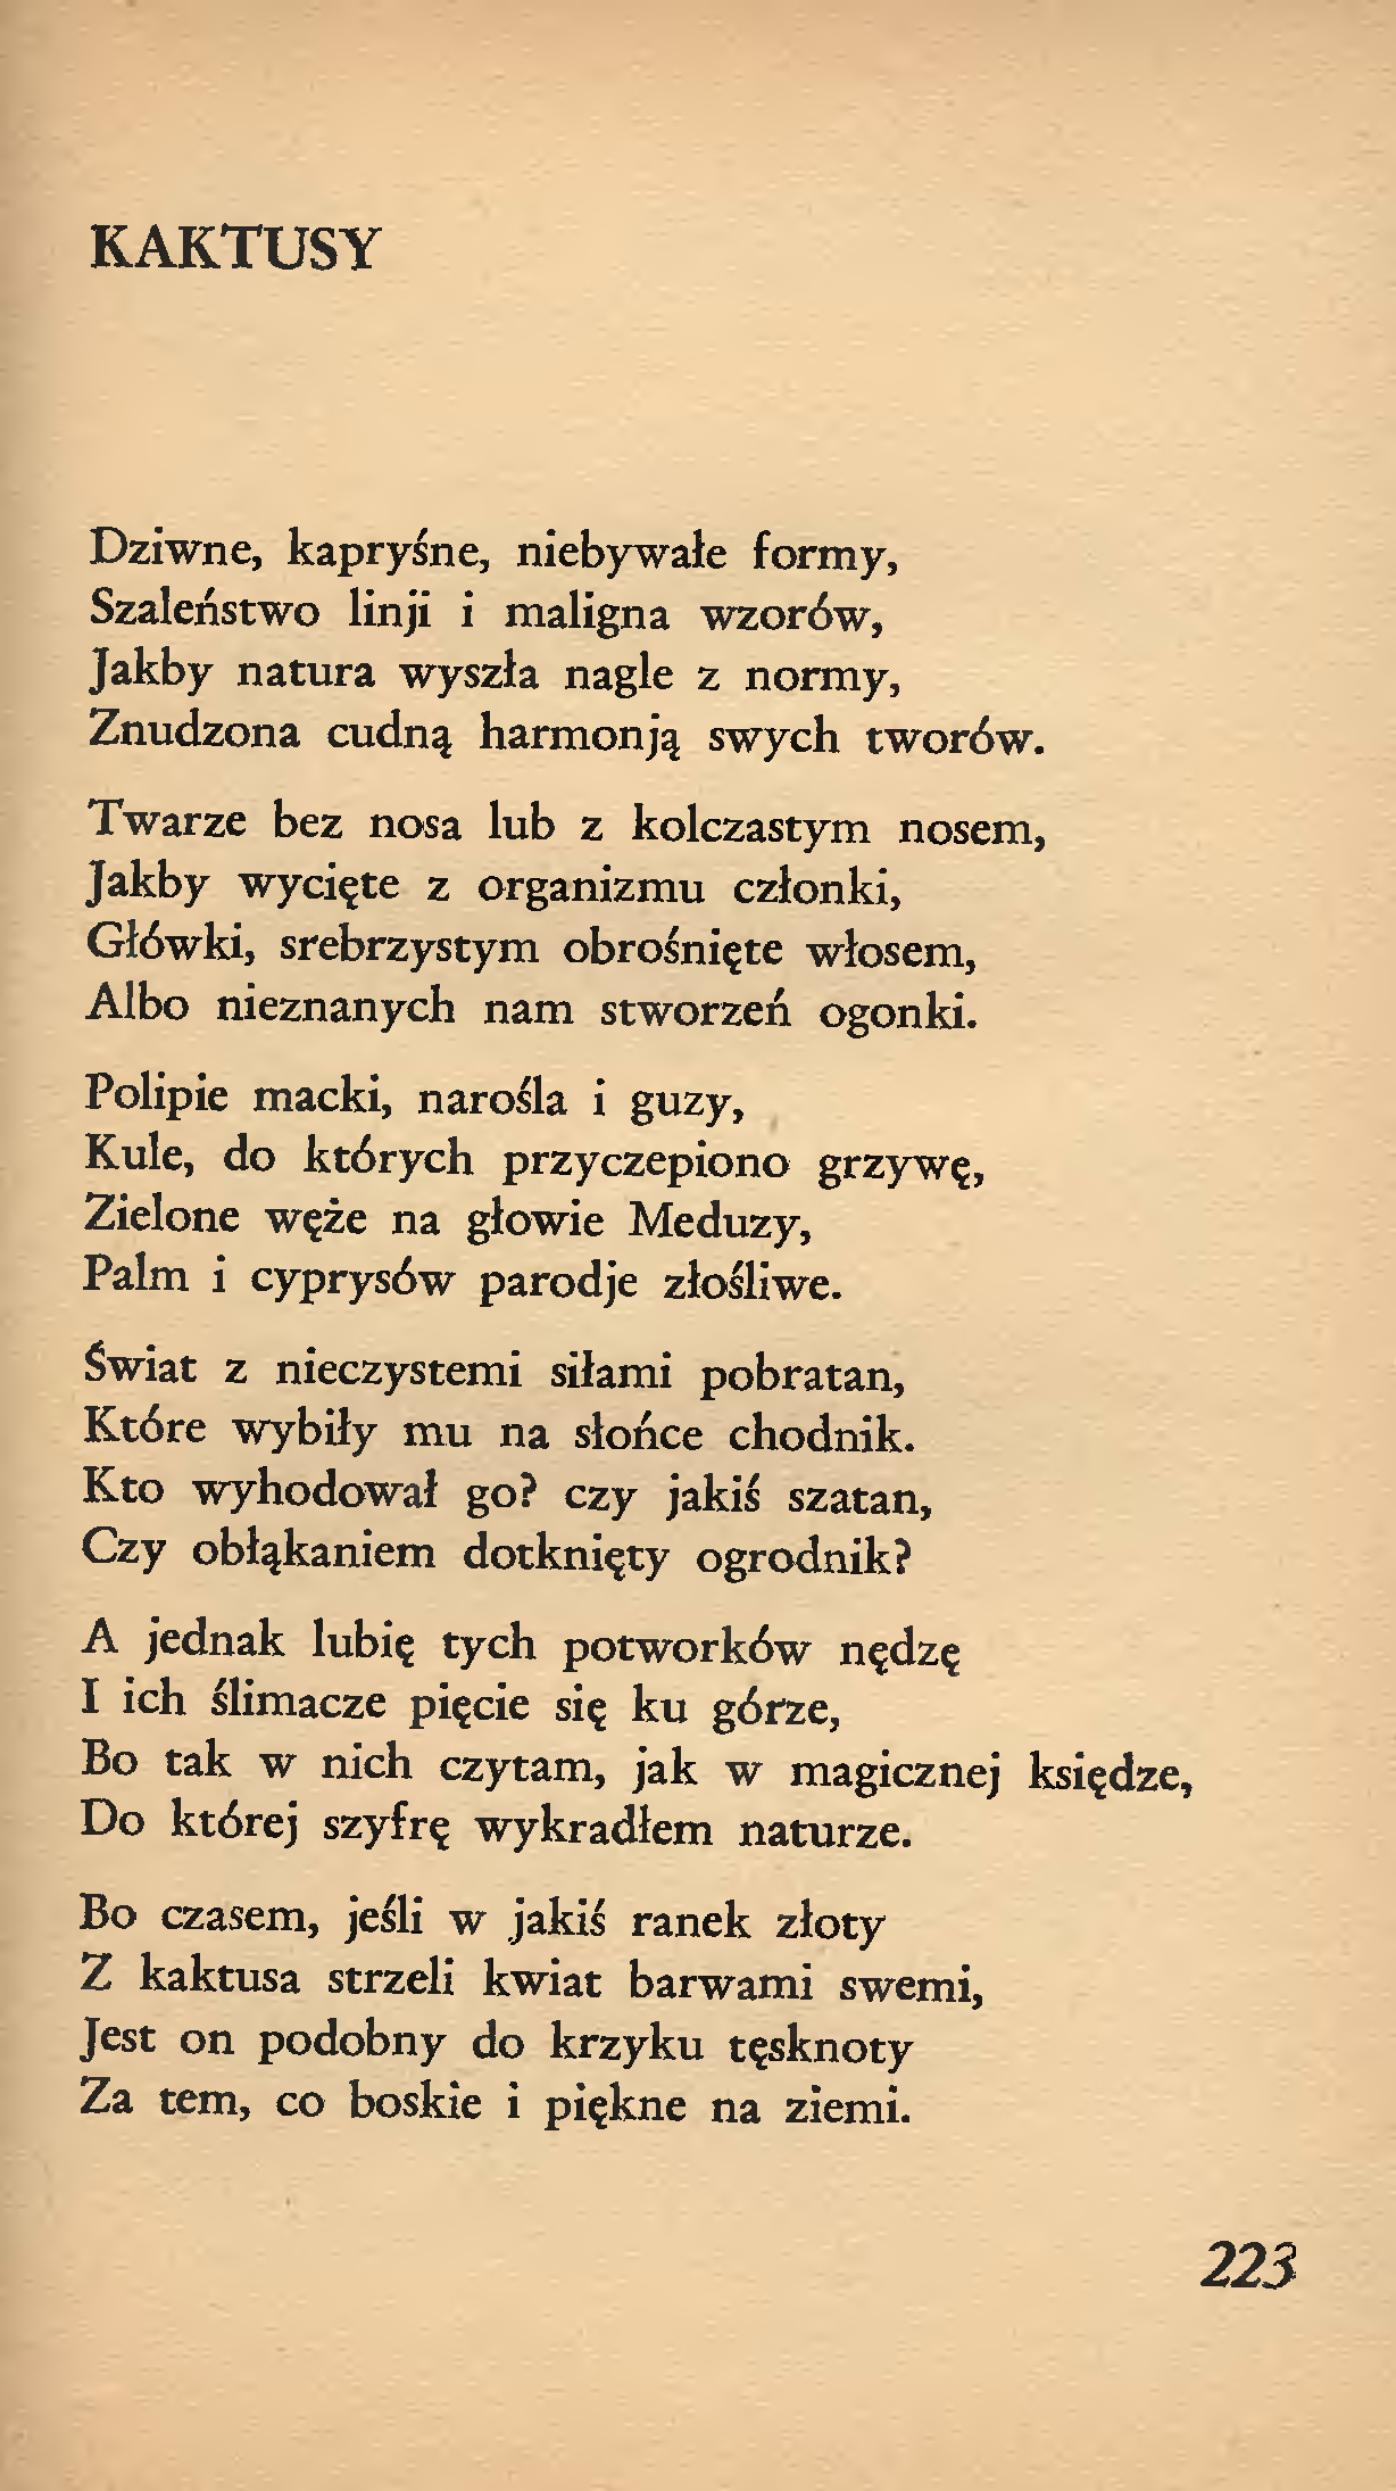 Strona:Ogród życia (Zbierzchowski).djvu/223 - Wikiźródła ...